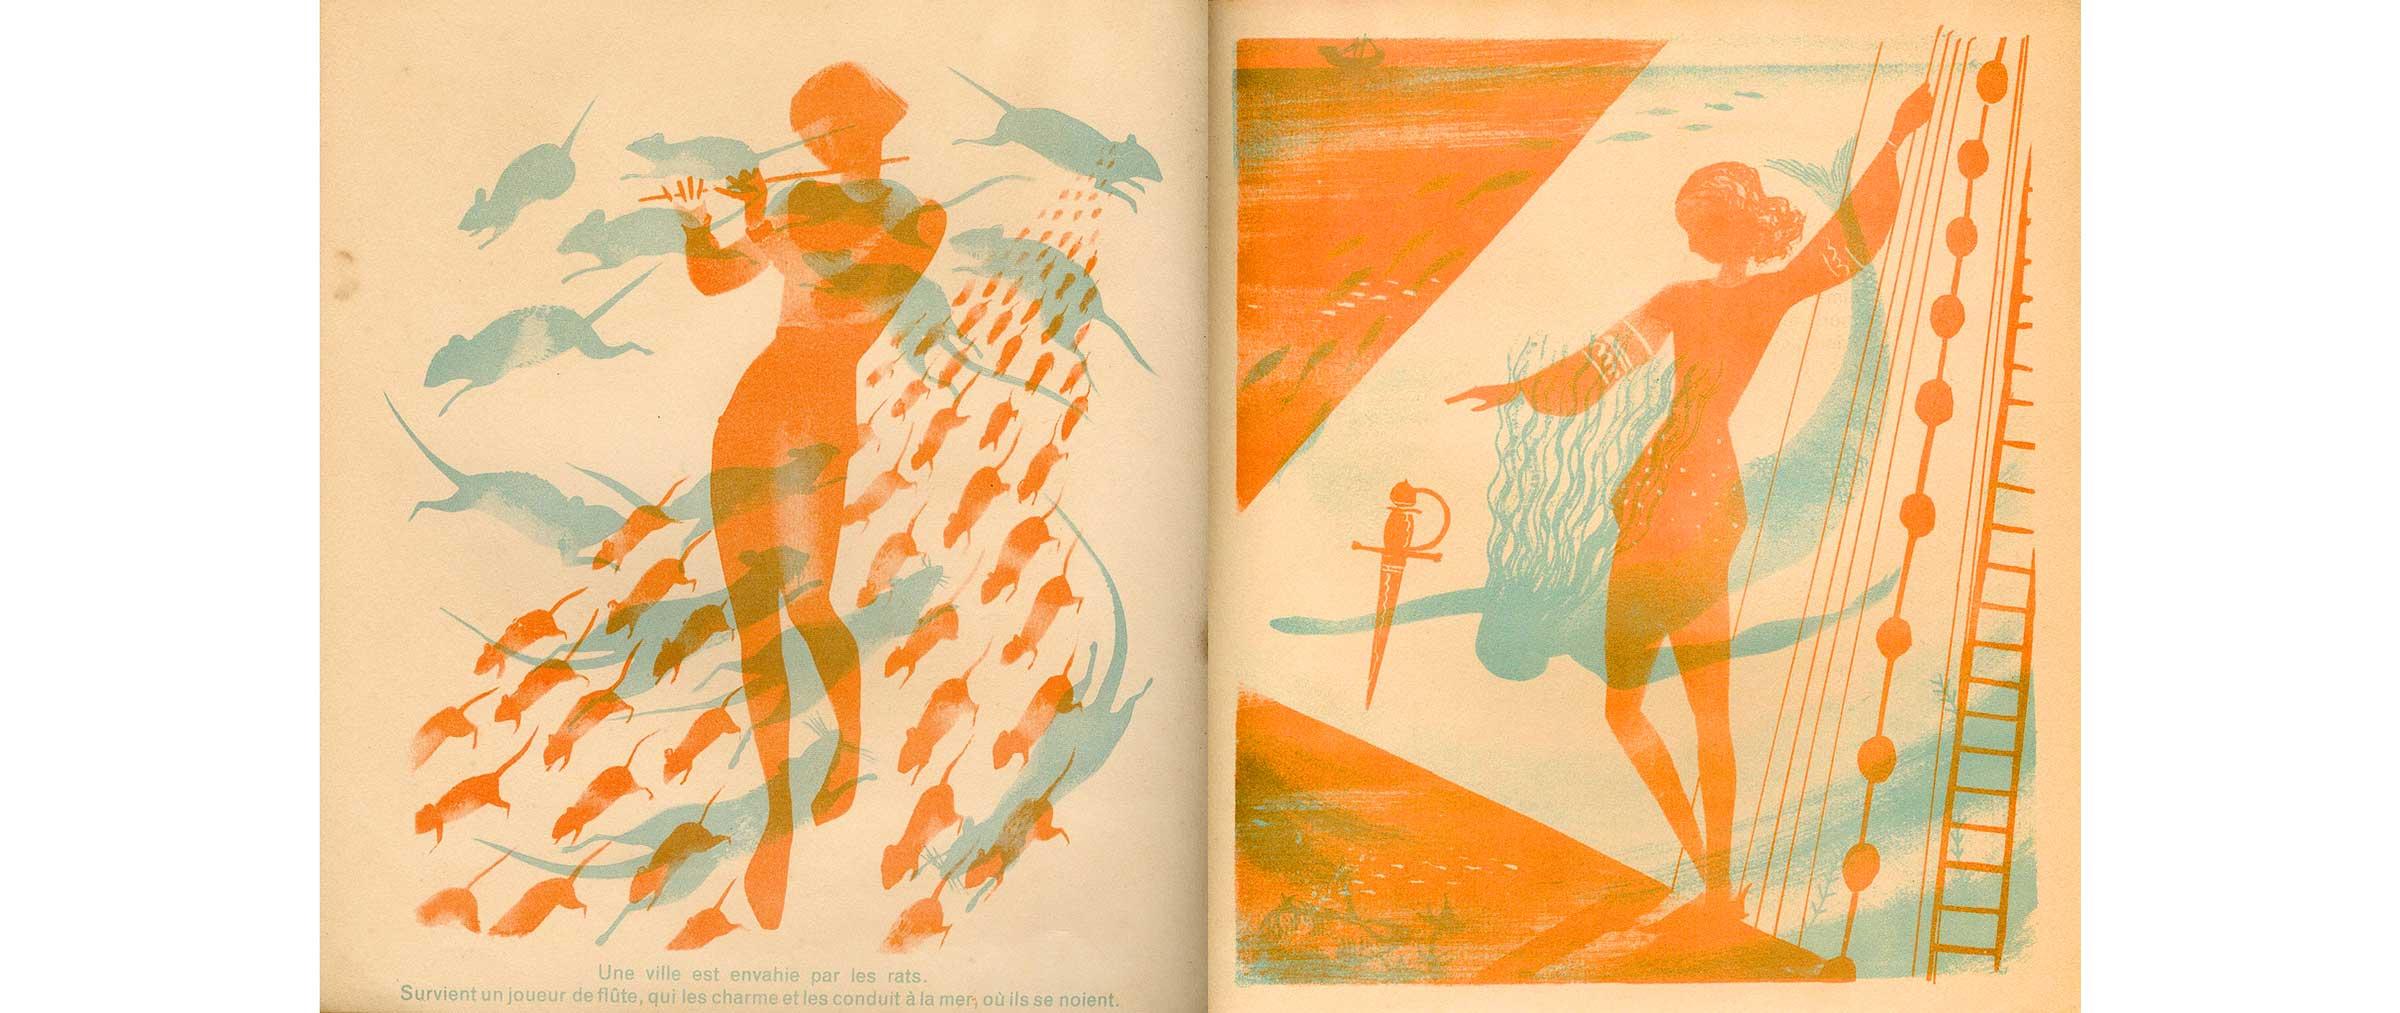 album-fee-du-pere-castor-1950-01